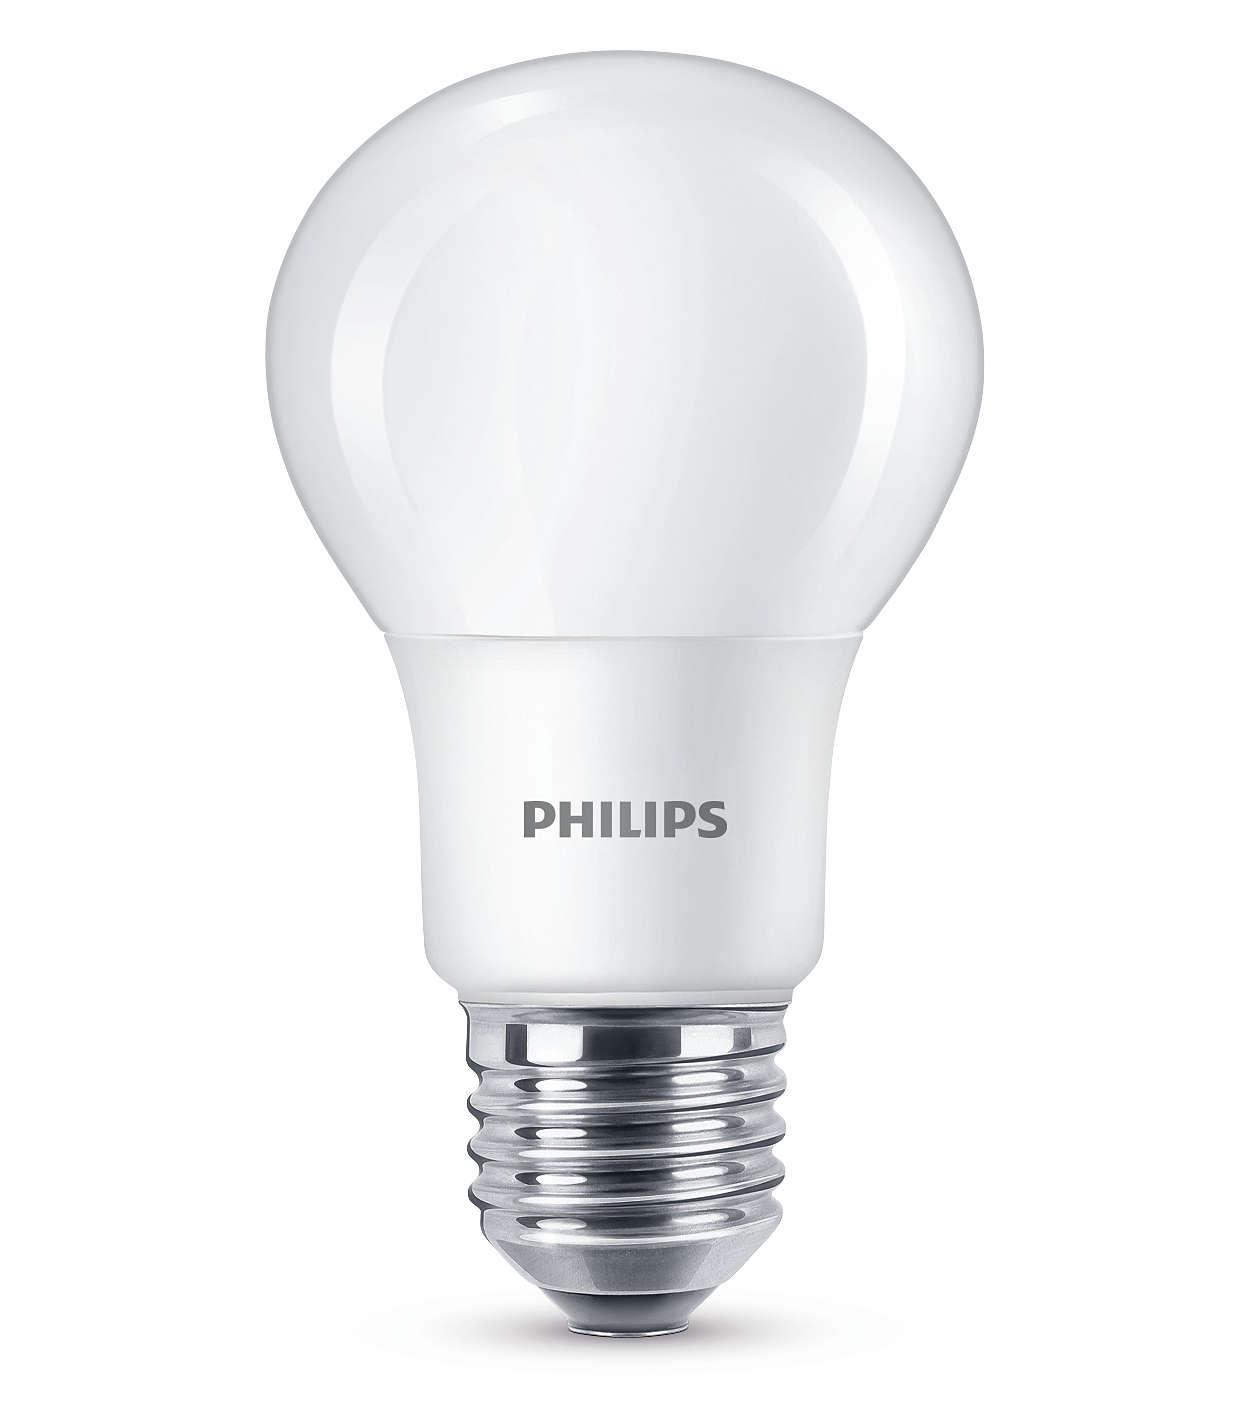 A luz certa cria o ambiente